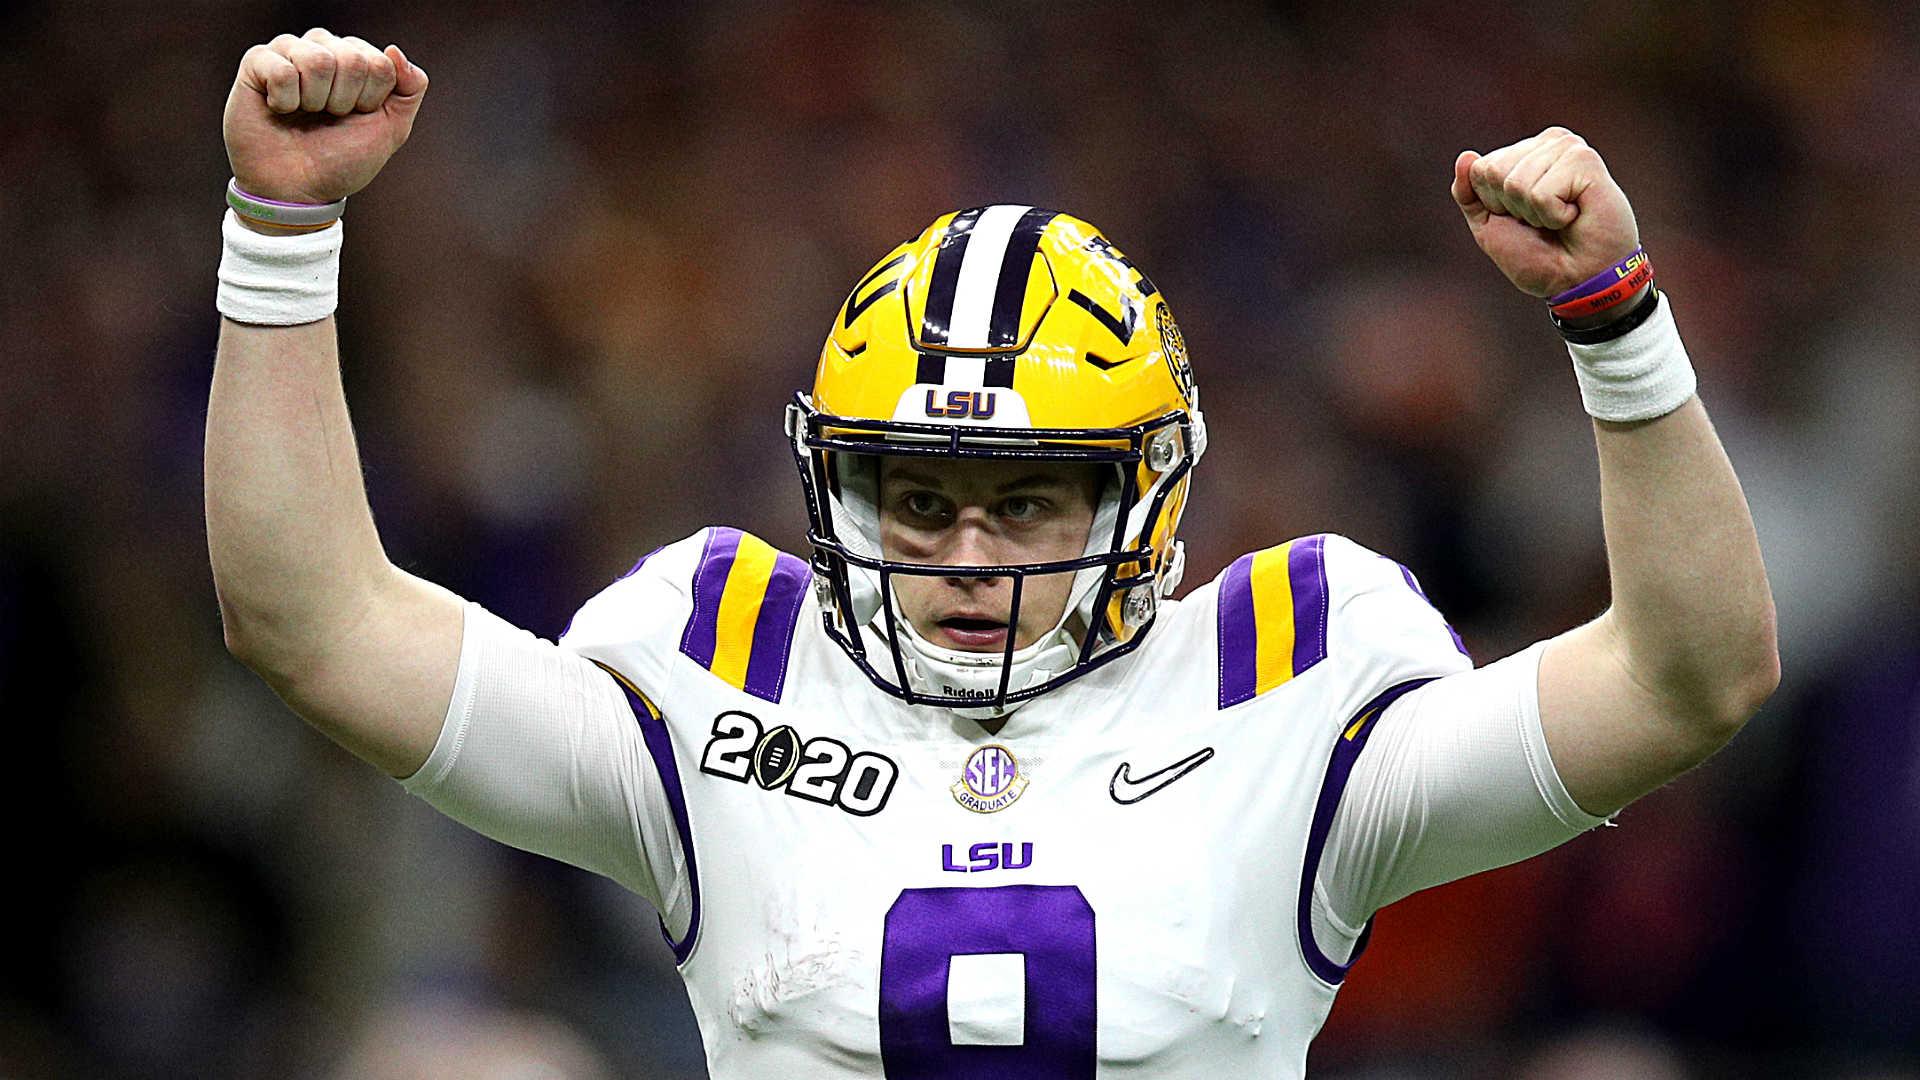 ¿Bengals pasará a Joe Burrow? 5 equipos que deberían considerar cambiar por la primera selección del Draft 2020 NFL 2